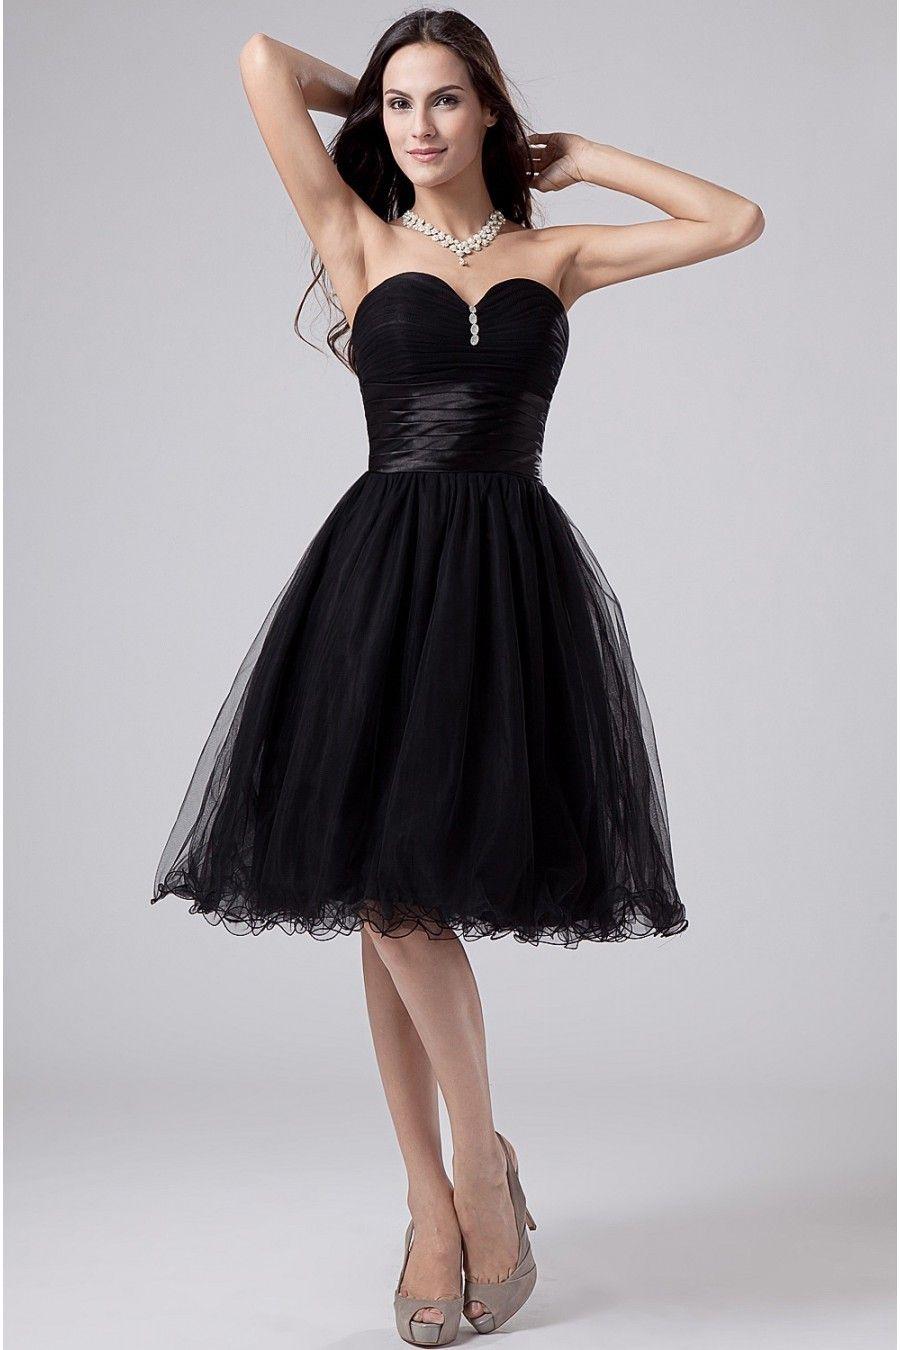 2a45effaef602a Schwarz Herz Ausschnitt Tüll Perlen Kurzes Abendkleid $246.99 Abendkleider  Knielang